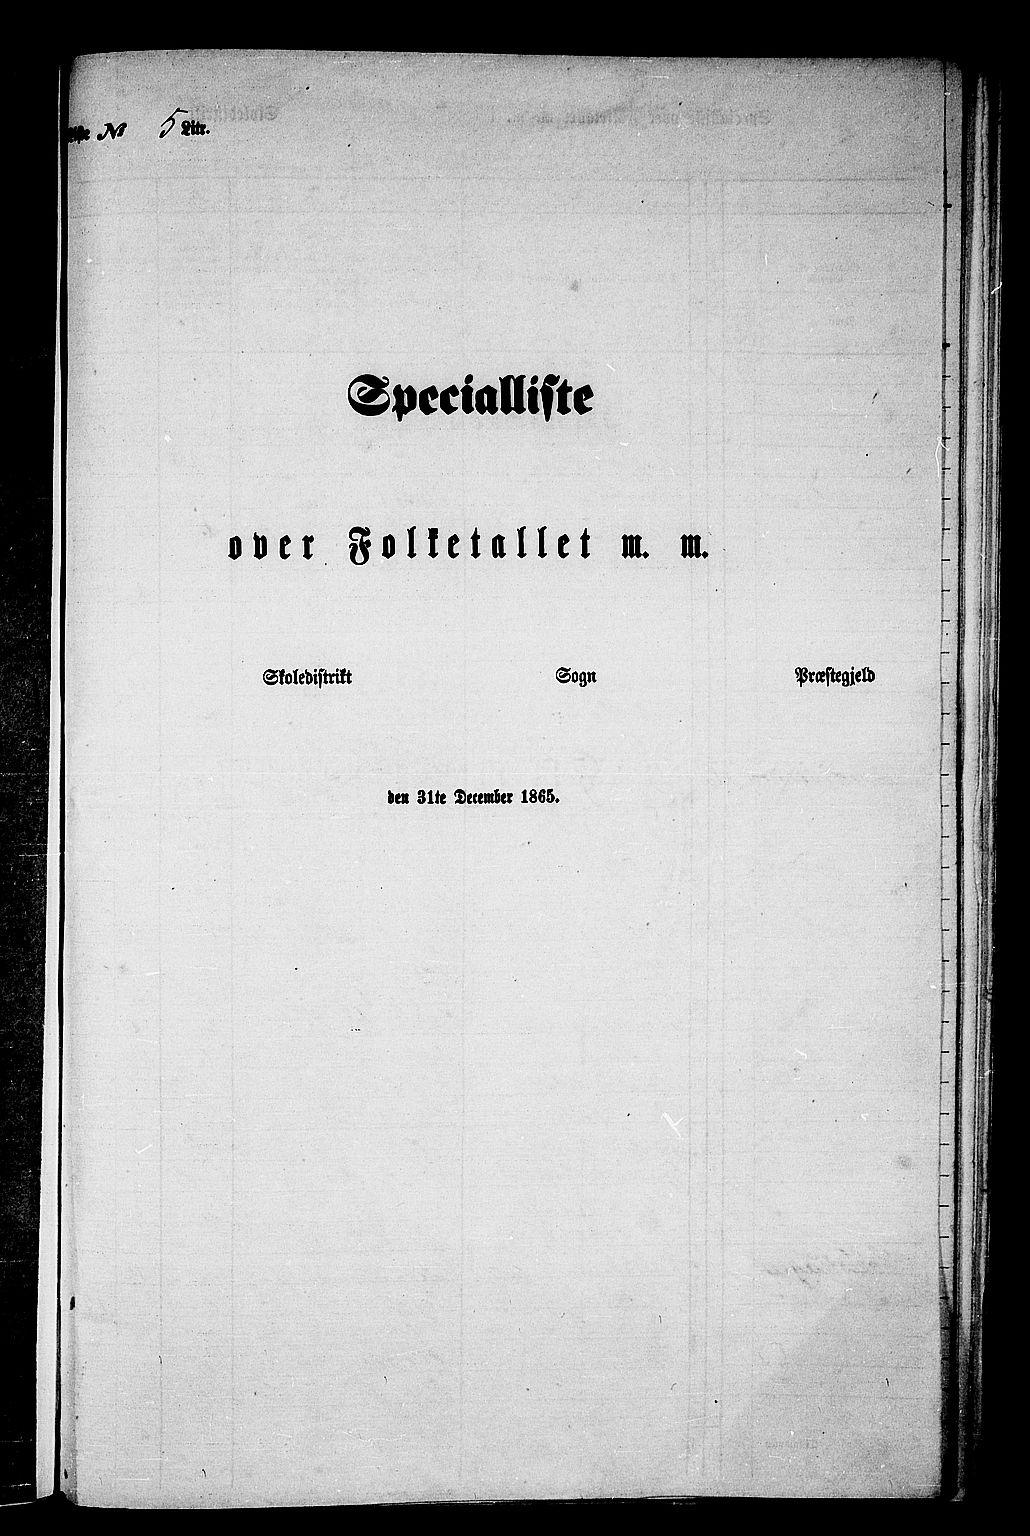 RA, Folketelling 1865 for 1563P Sunndal prestegjeld, 1865, s. 65